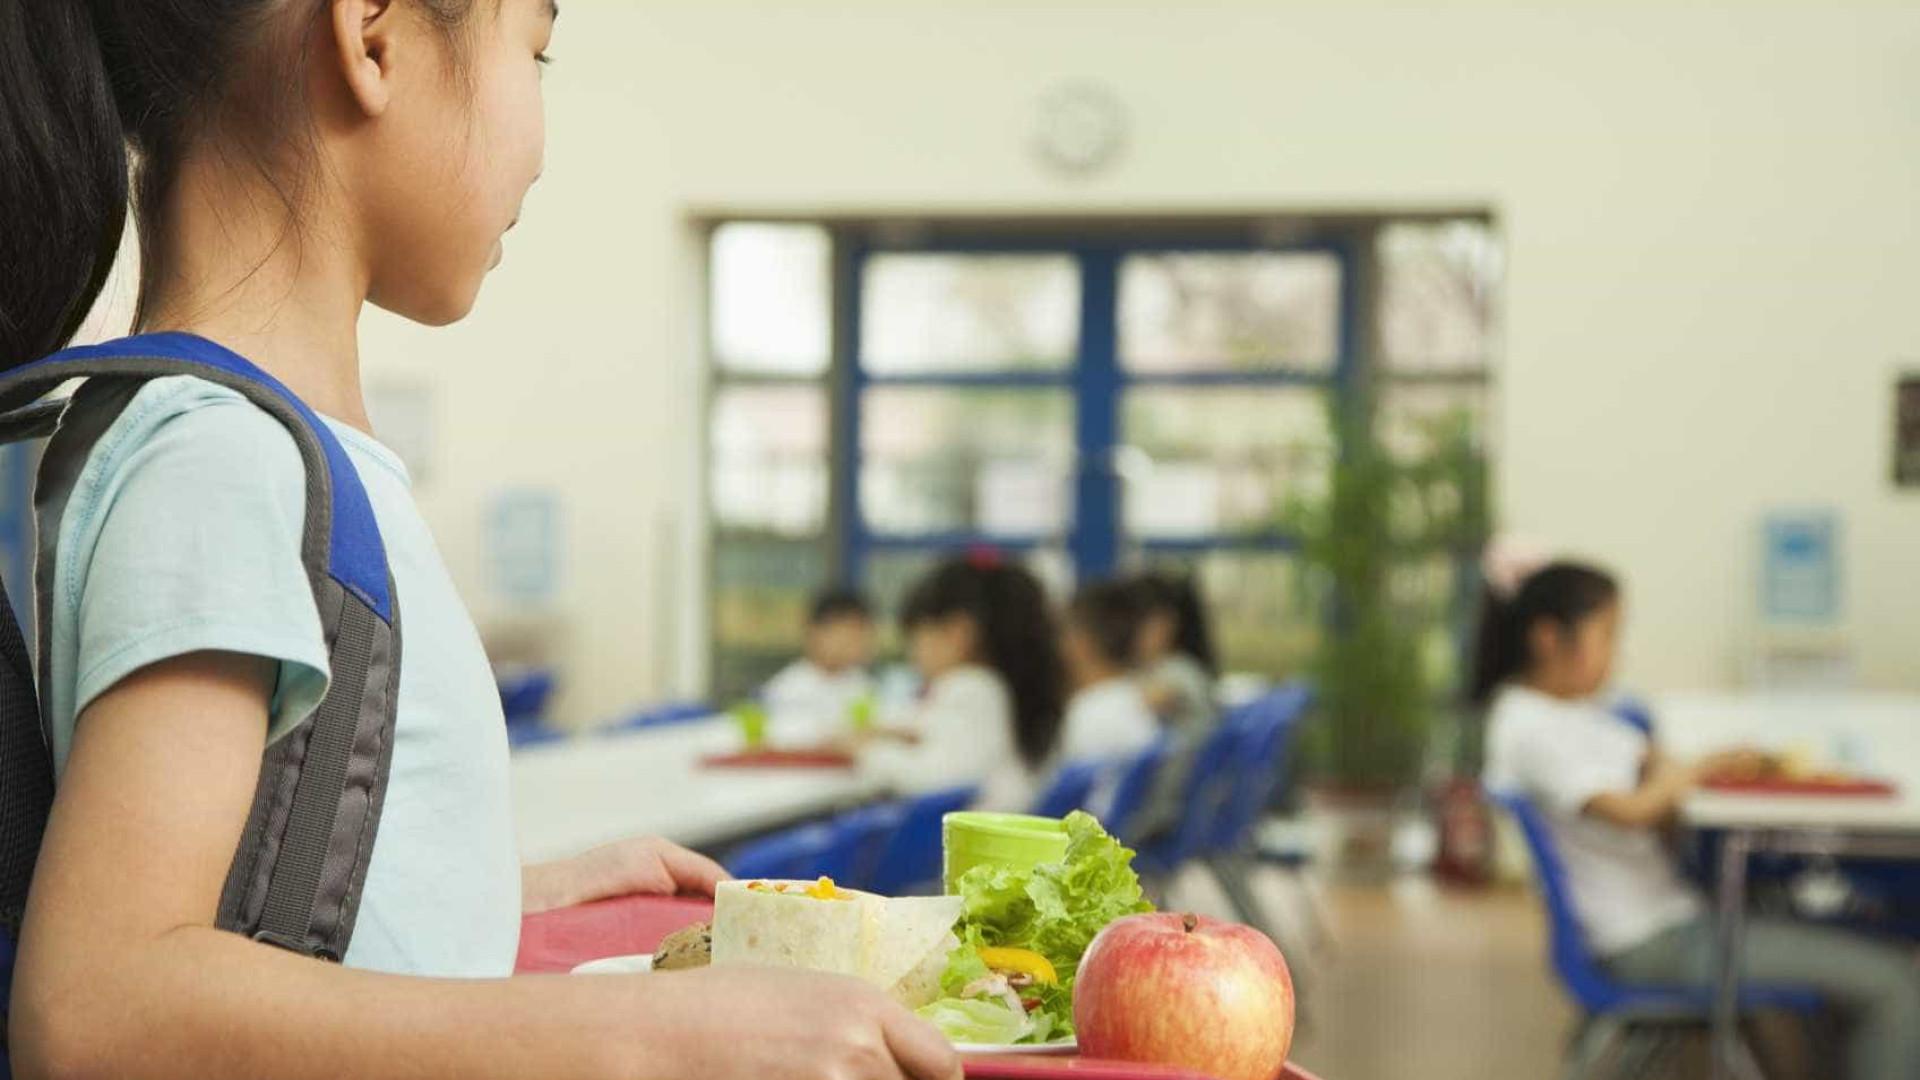 Dieta vegetariana nas escolas atende também a especificidades religiosas